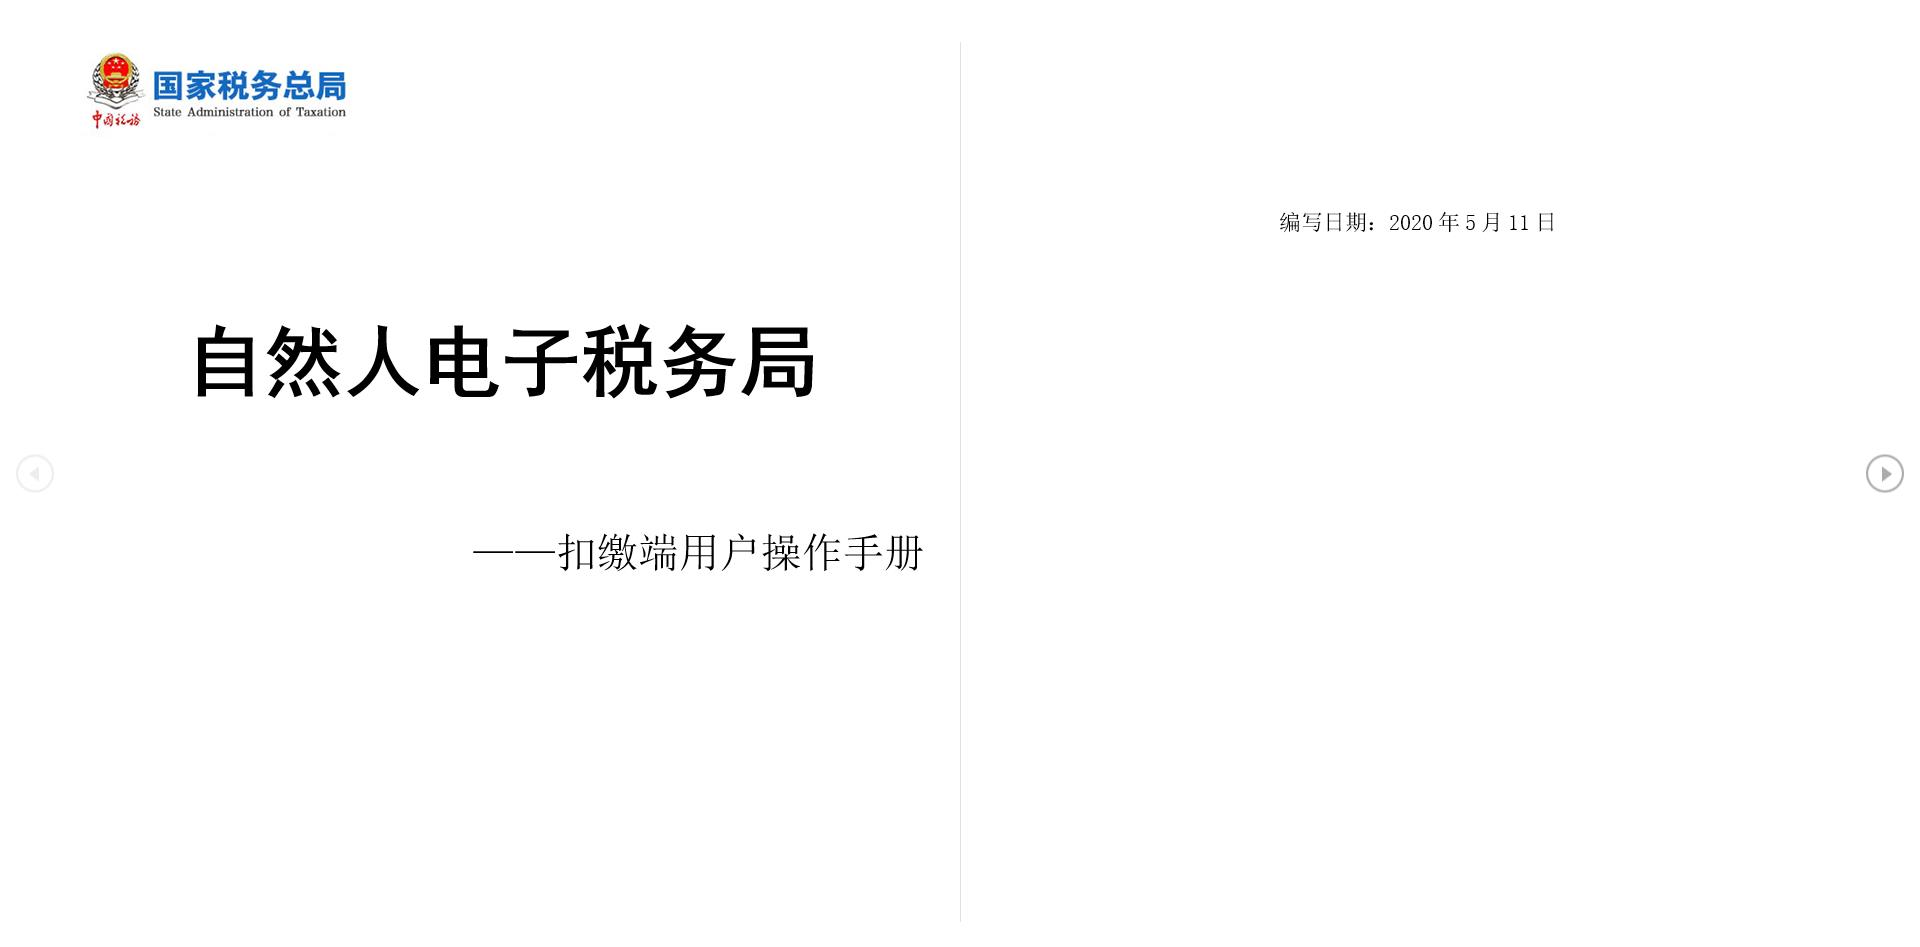 自然人电子税务局(扣缴端)用户操作手册下载